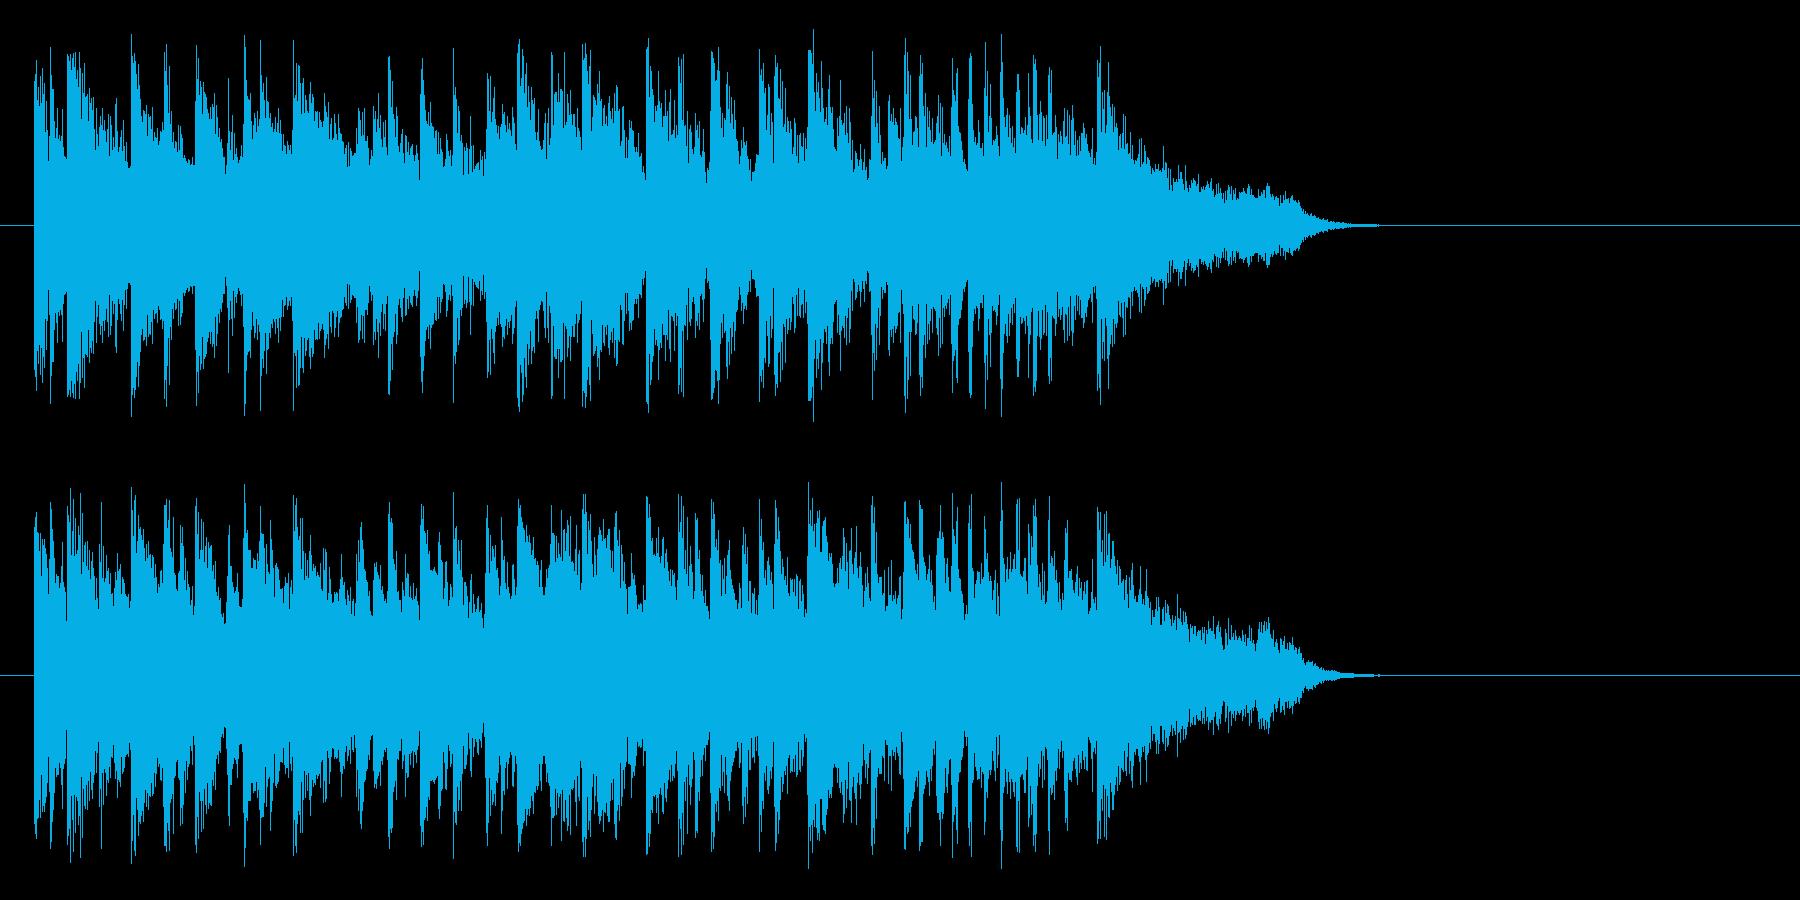 きらめきのおだやかサウンドの再生済みの波形